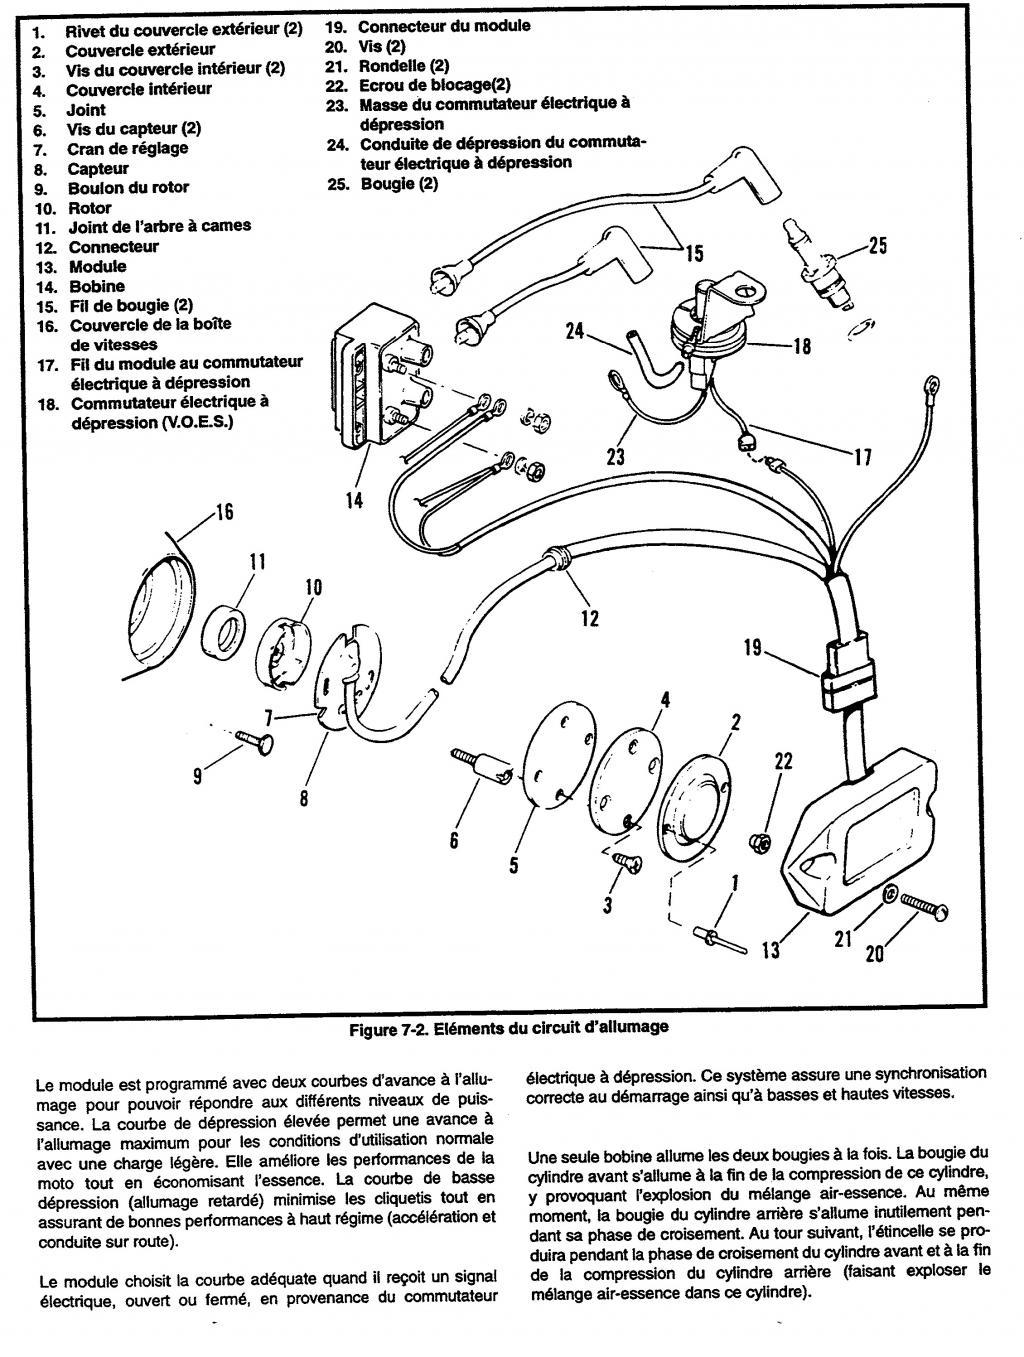 1997 Sportster Wiring Diagram - All Diagram Schematics on